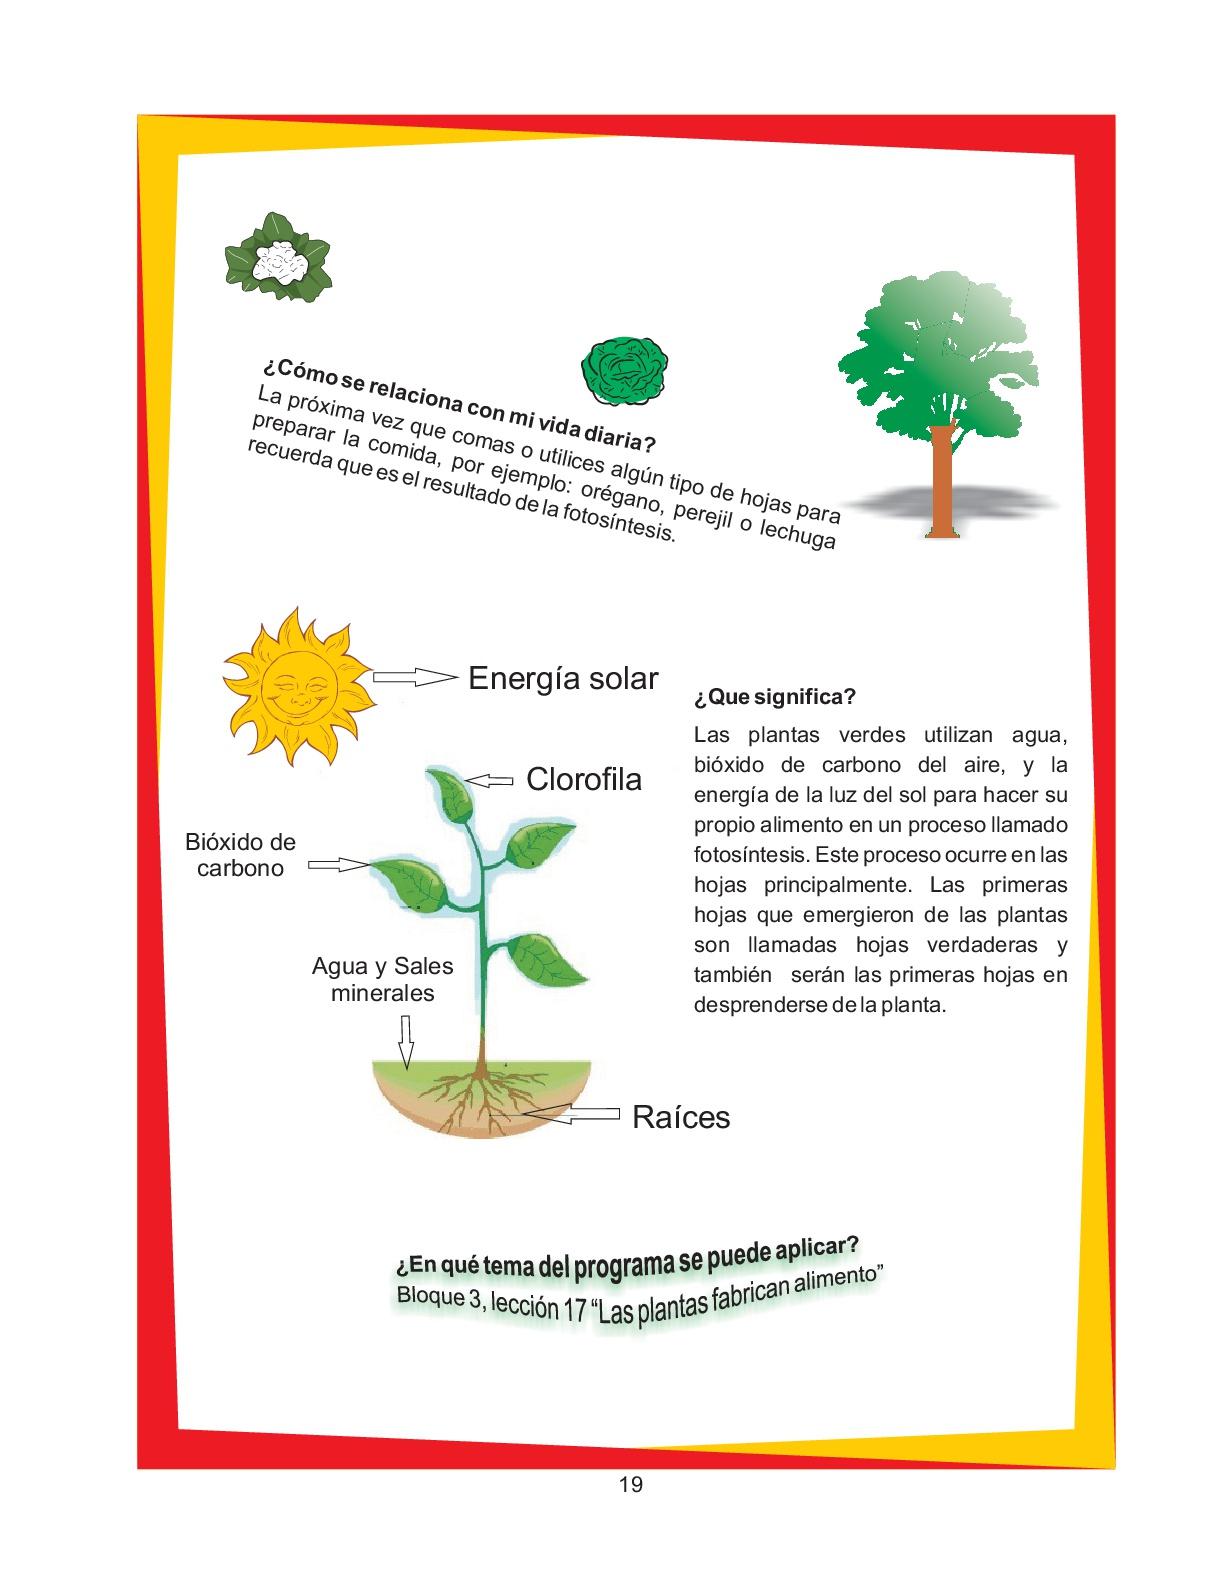 Manual-de-experimentos-de-la-ciencia-divertida-024 - Imagenes Educativas